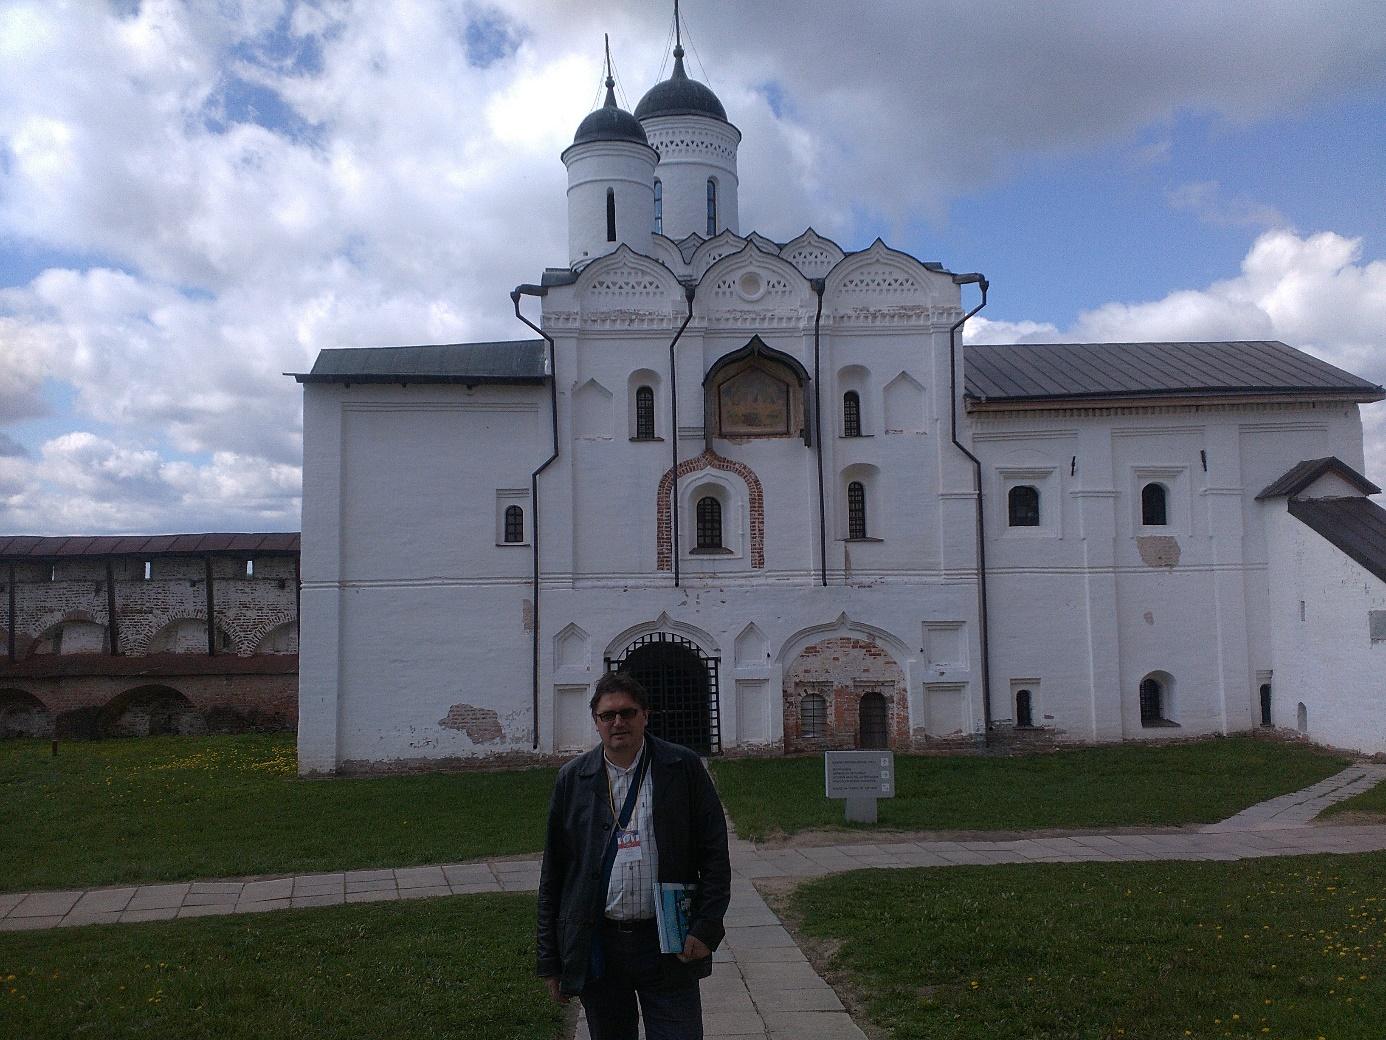 У Кирило Белозерском манастиру